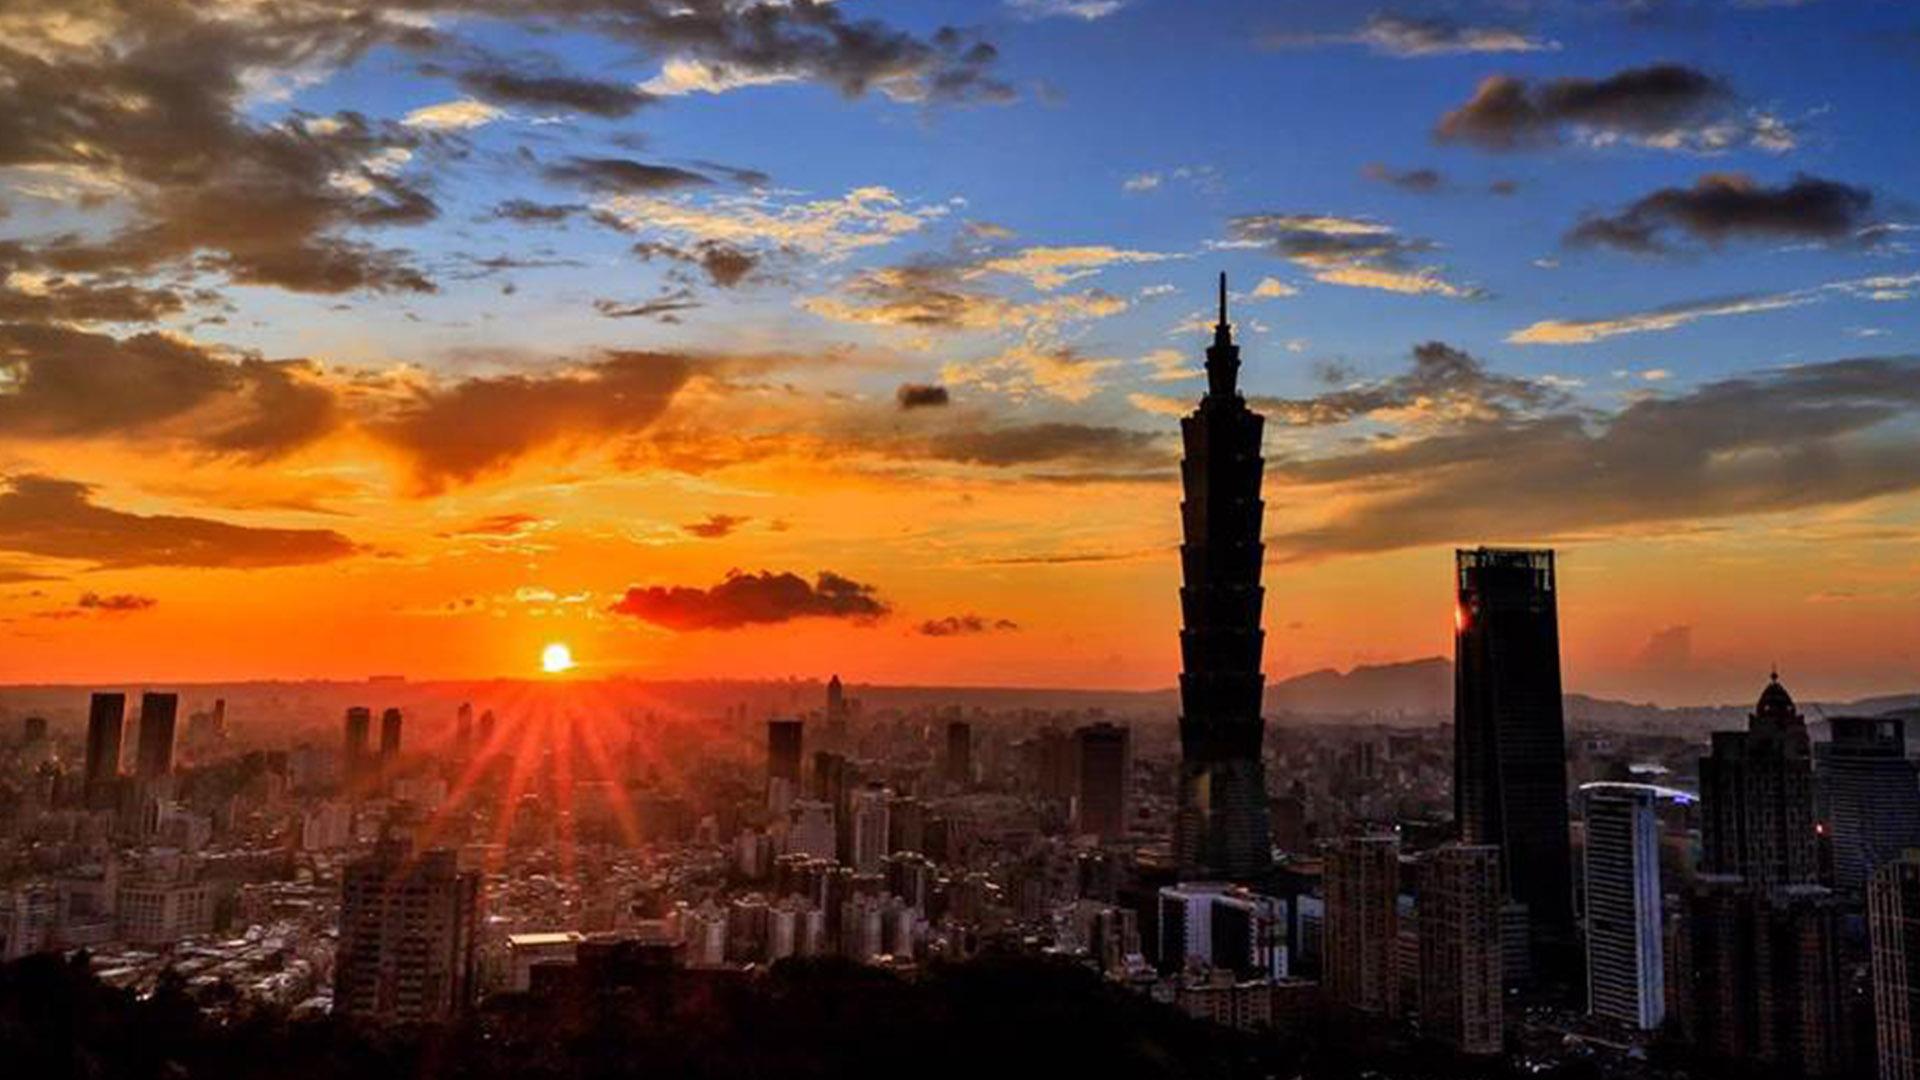 """将应对""""台湾出现不测""""?菅义伟发狂言 朱立伦与连胜文结盟?图片"""